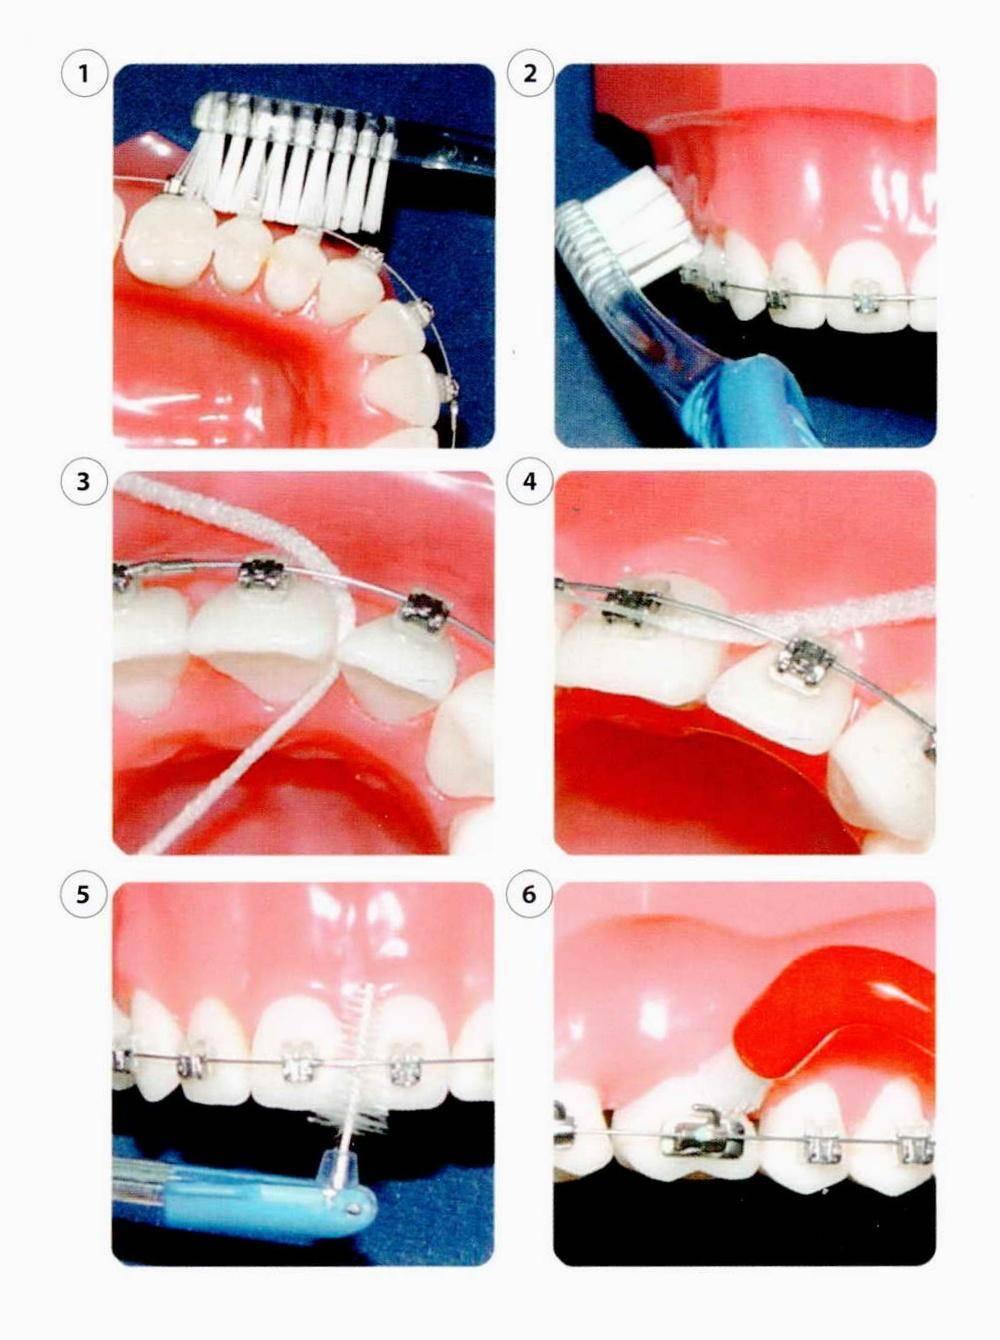 Набор для брекетов на зубах: инструменты и аппараты, средства ухода и чистки, ортодонтический комплект президент, ополаскиватель